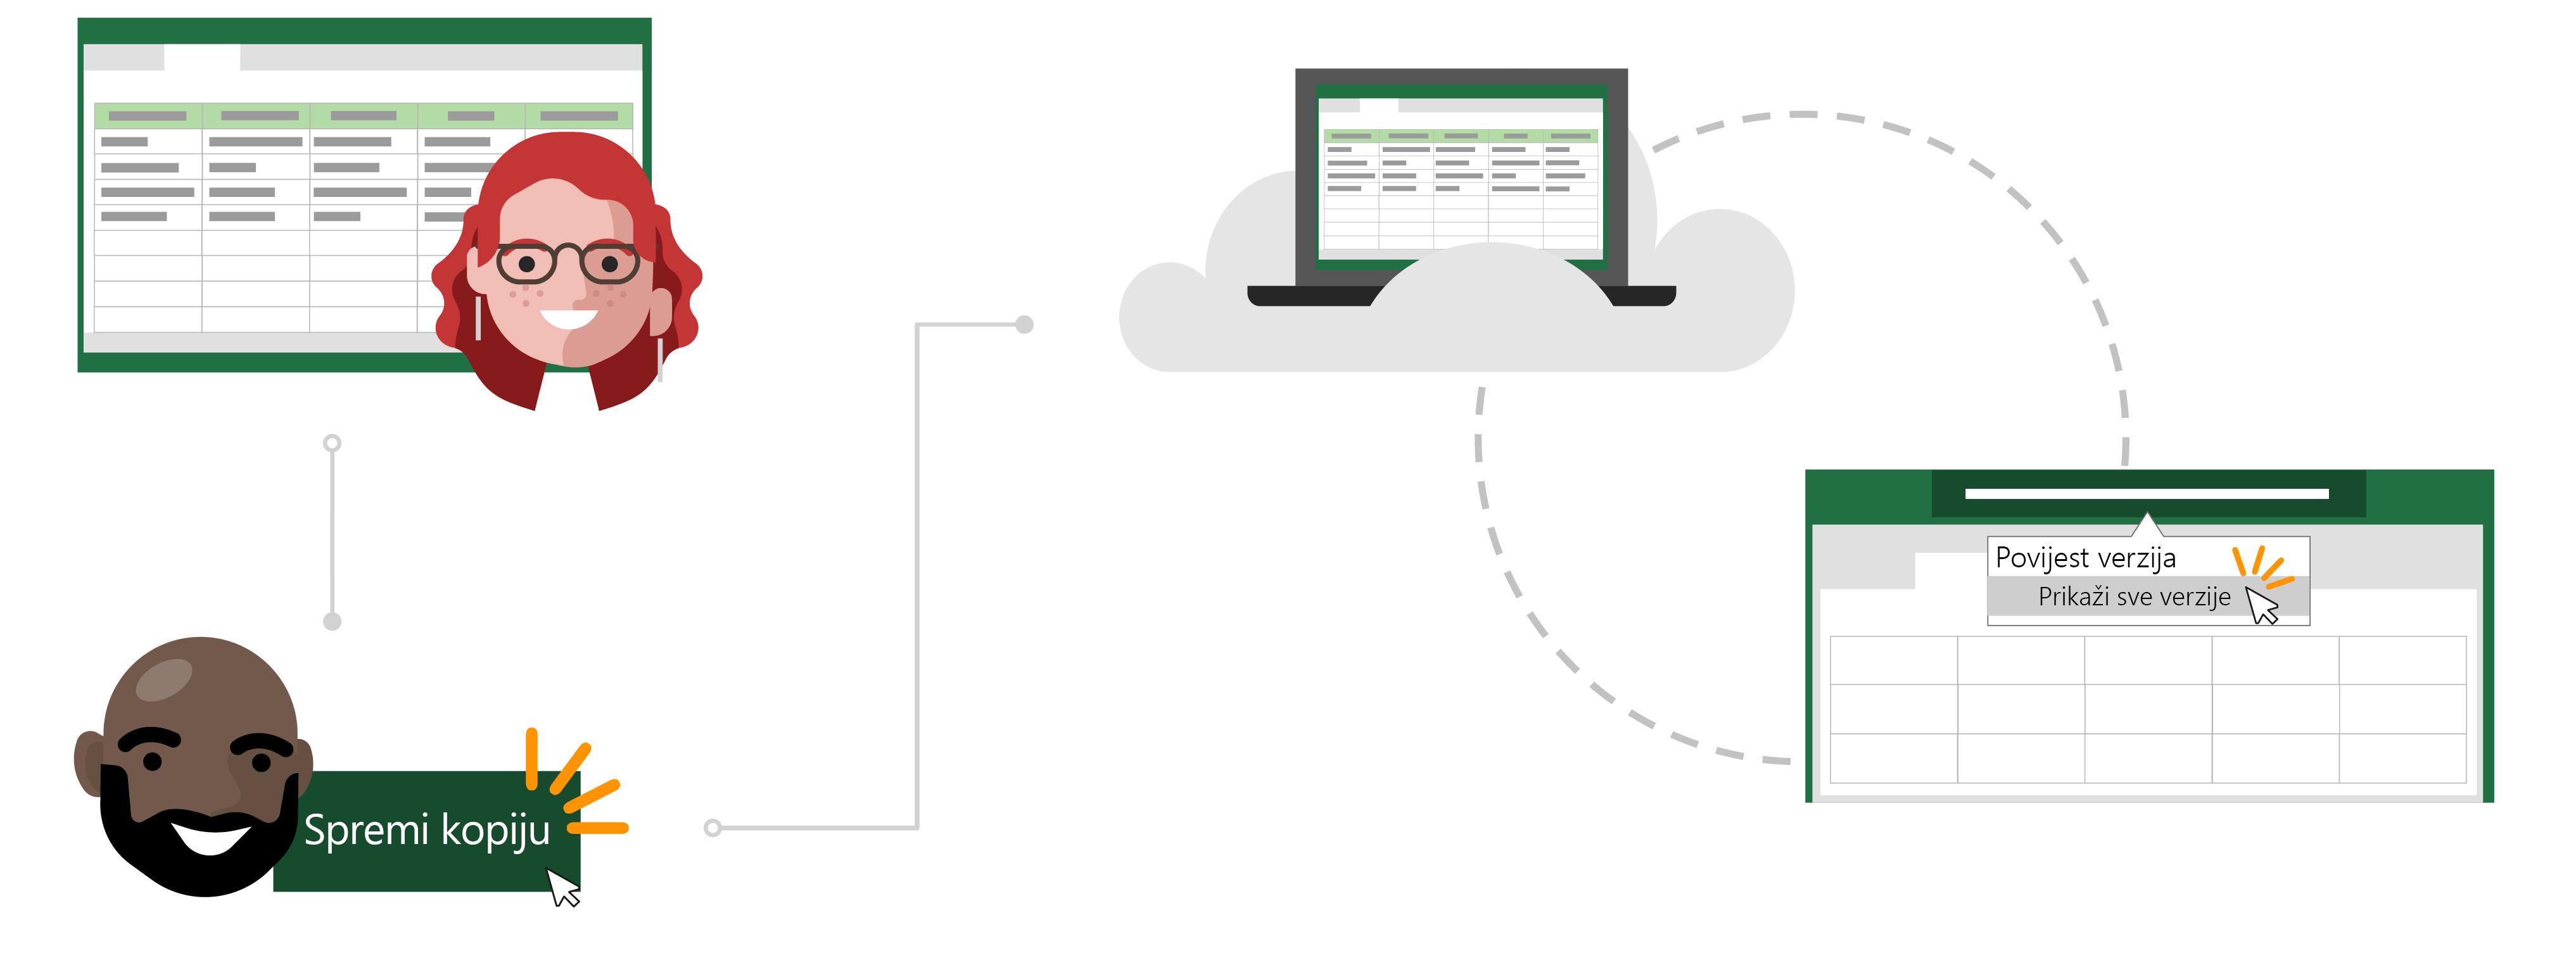 Upotrijebite postojeću datoteku u oblaku kao predložak za novu datoteku pomoću spremanja kopije.